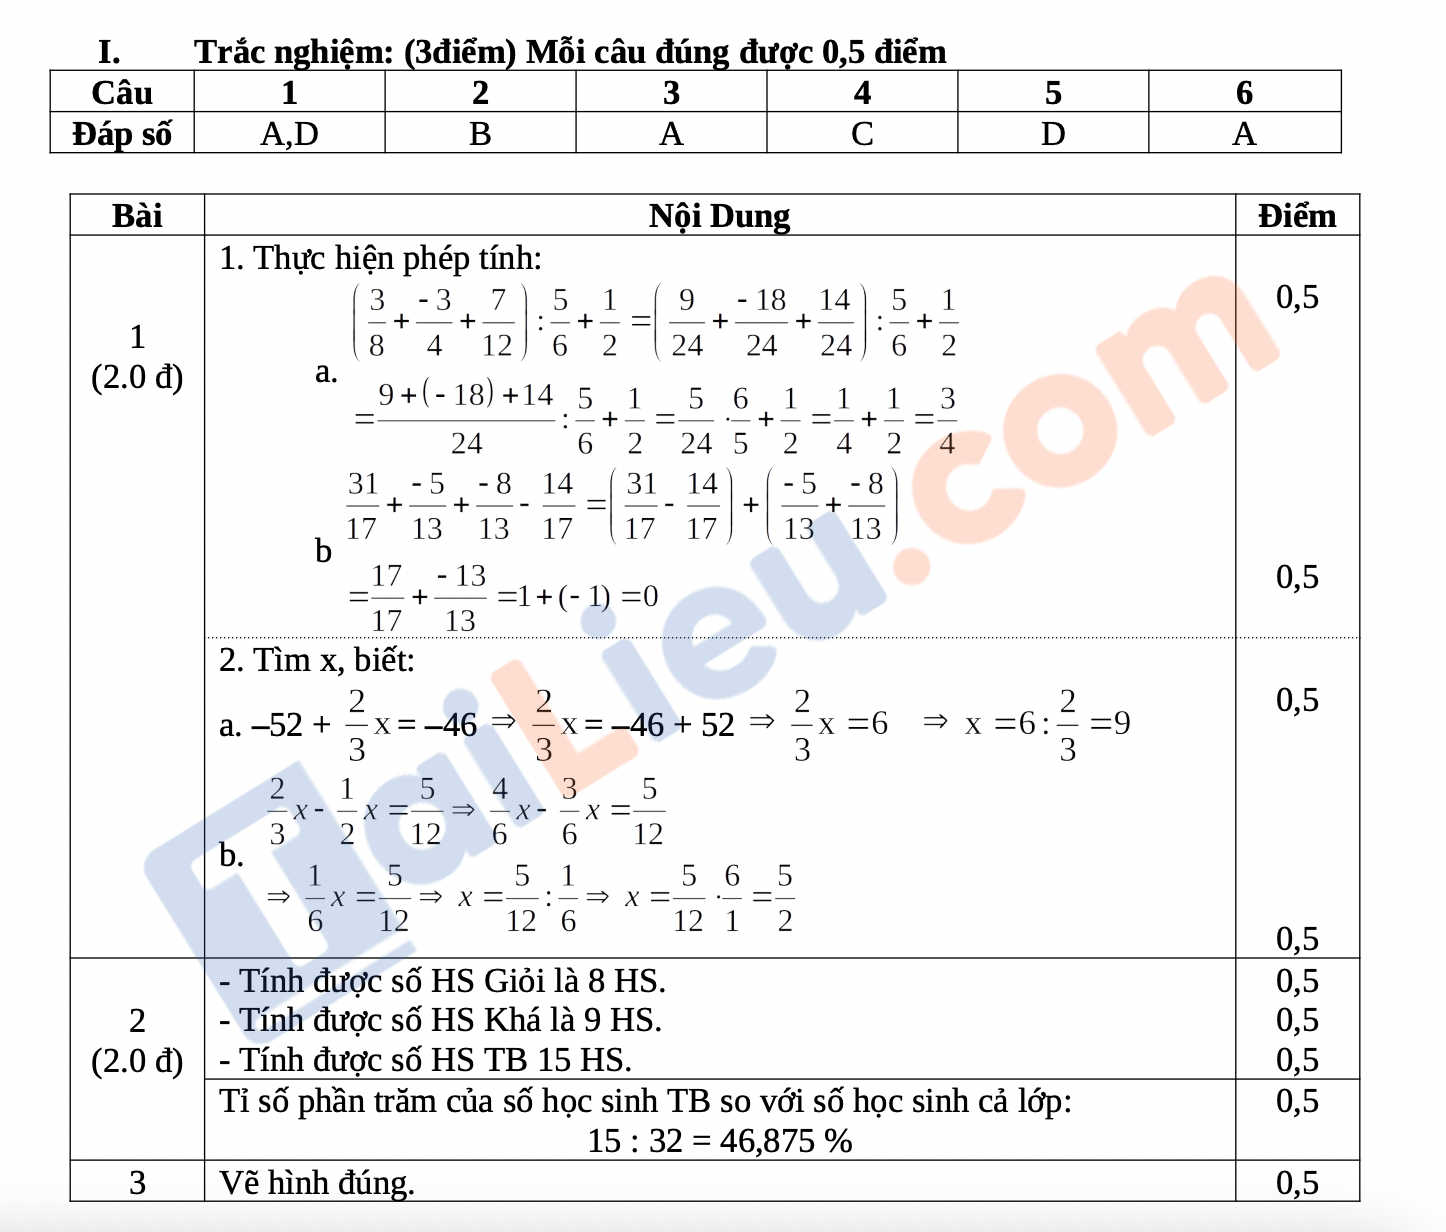 Đáp án đề thi học kì 2 lớp 6 môn toán - đề số 3